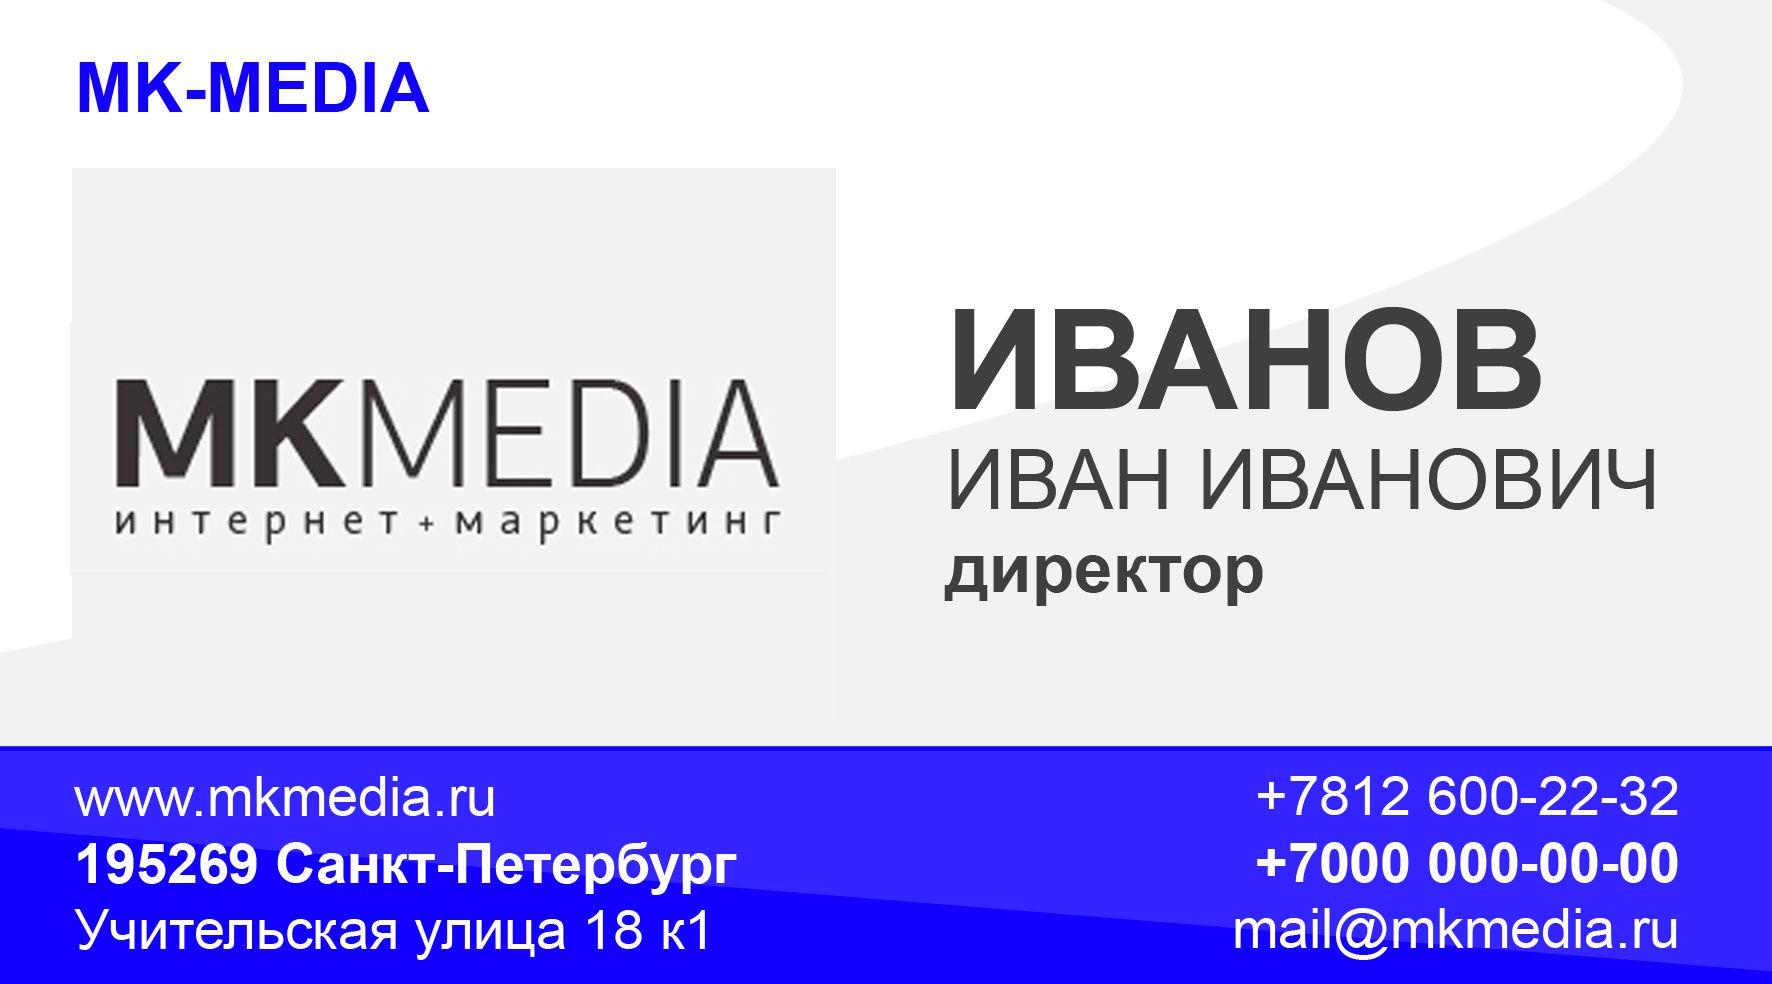 Разработка дизайна визитной карточки - дизайнер THE72